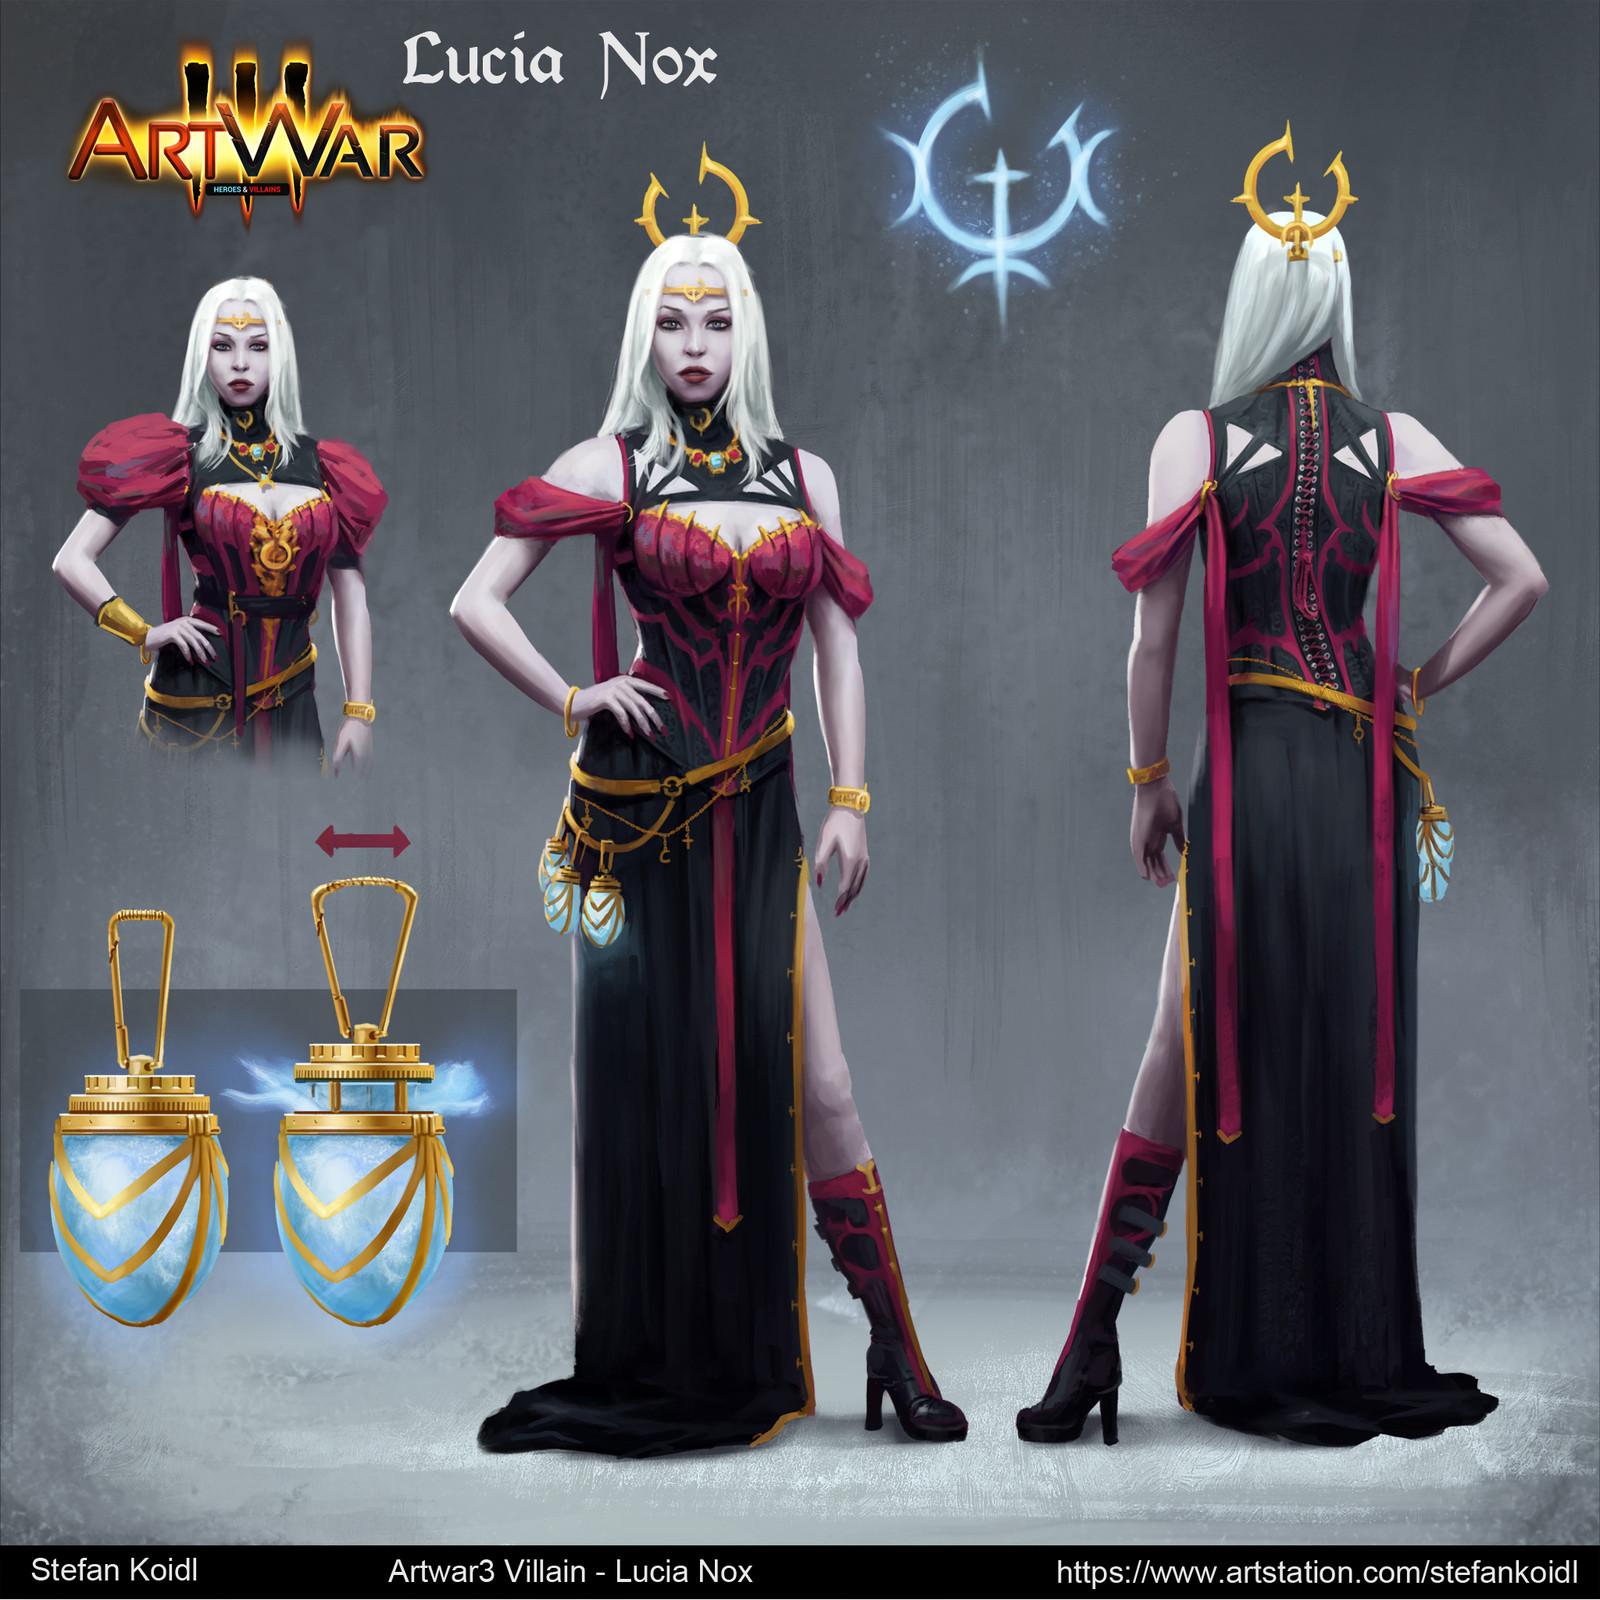 ArtWar 3 - Villains - Lucia Nox Concept sheet